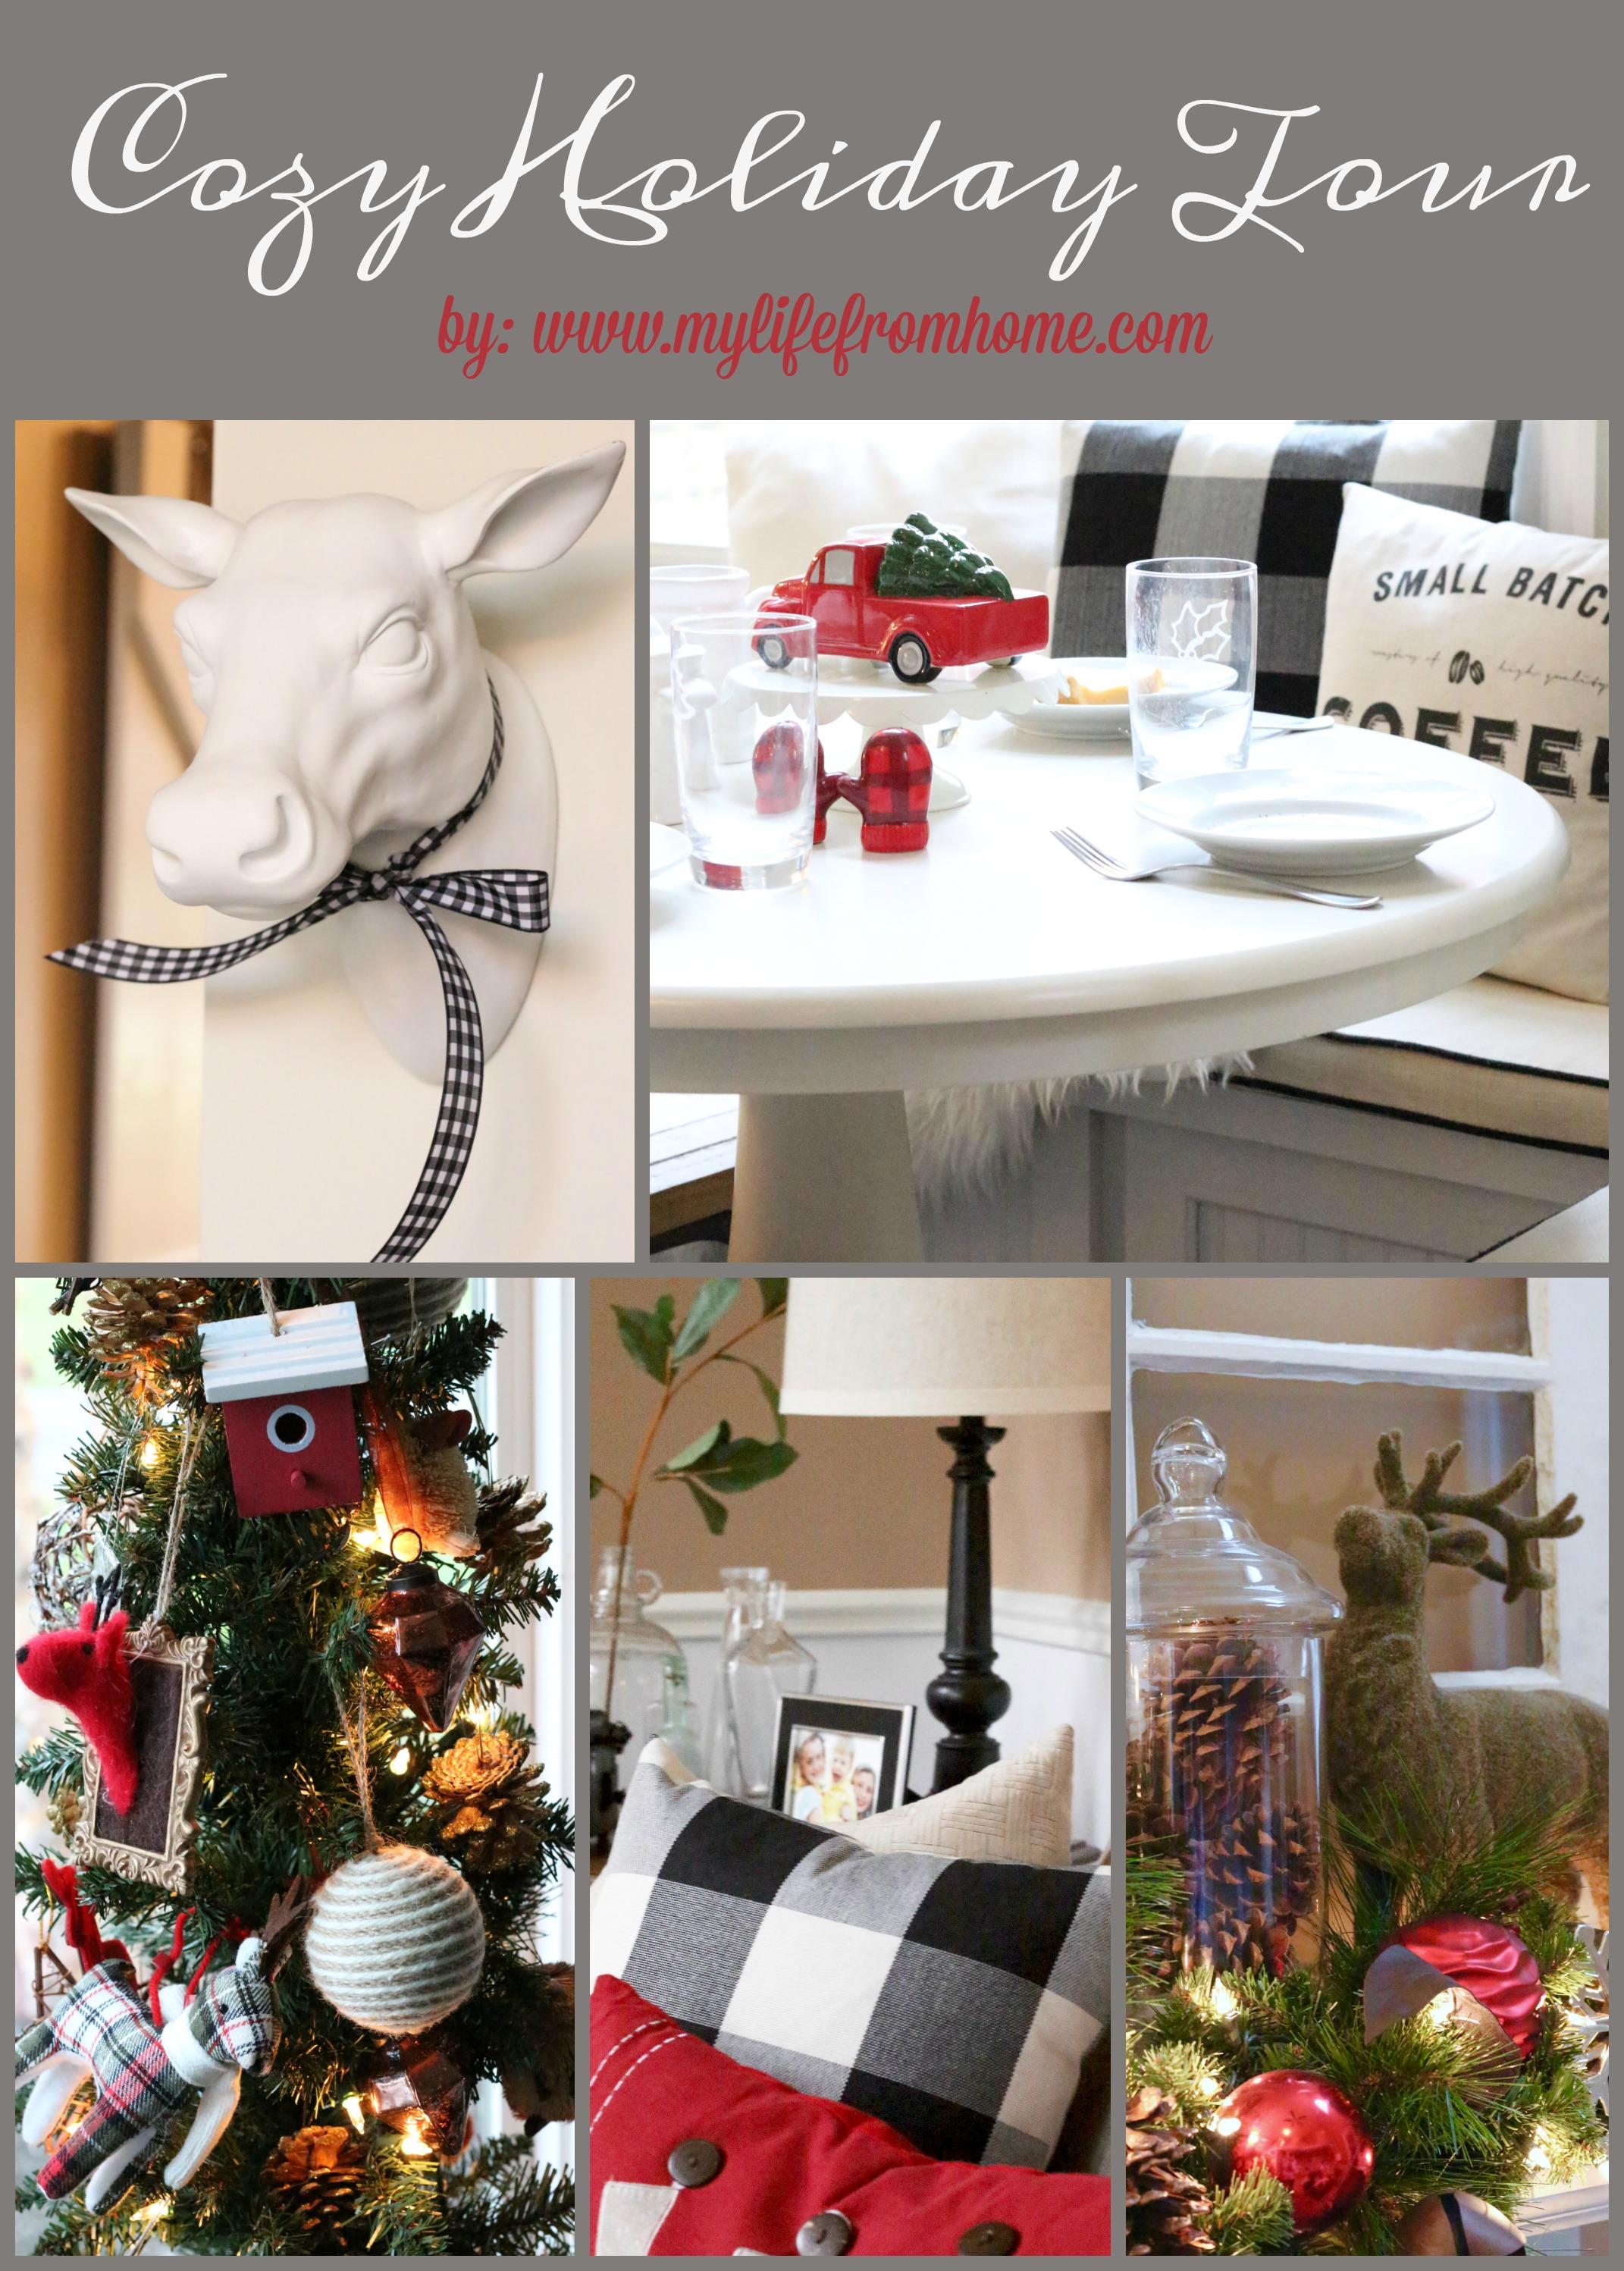 cozy-holiday-tour-home-tour-christmas-holiday-decor-decorating-your-home-for-christmas-farmhouse-christmas-farmhouse-style-decor-holiday-home-cozy-home-decor